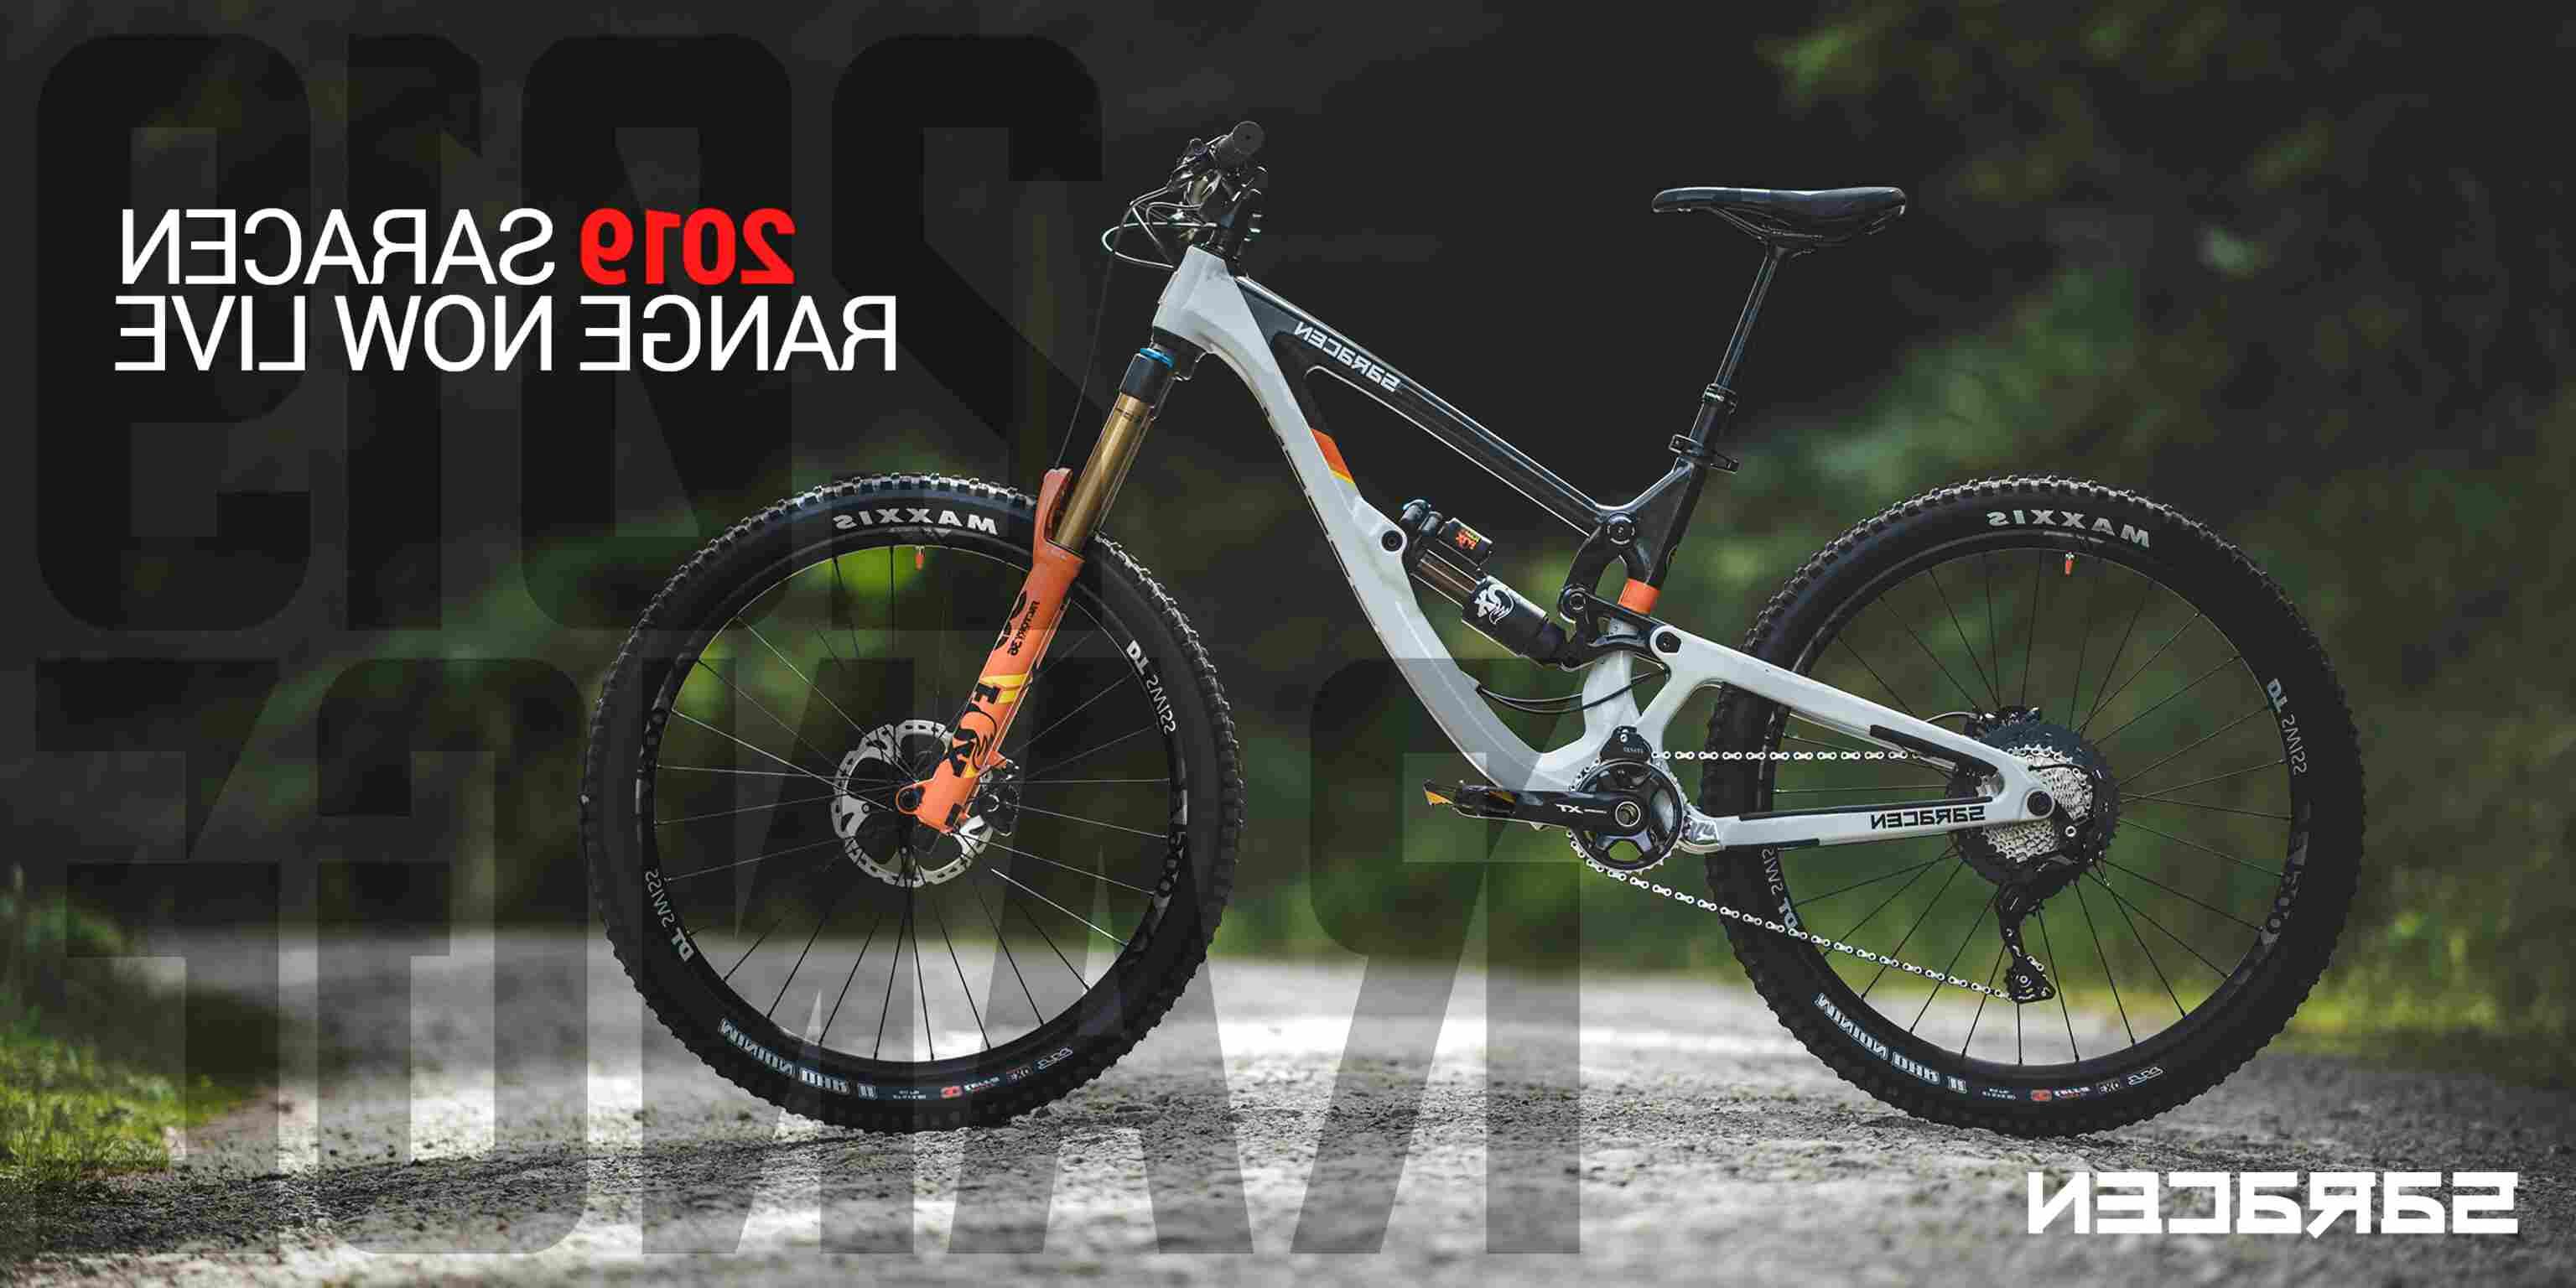 saracen bike for sale